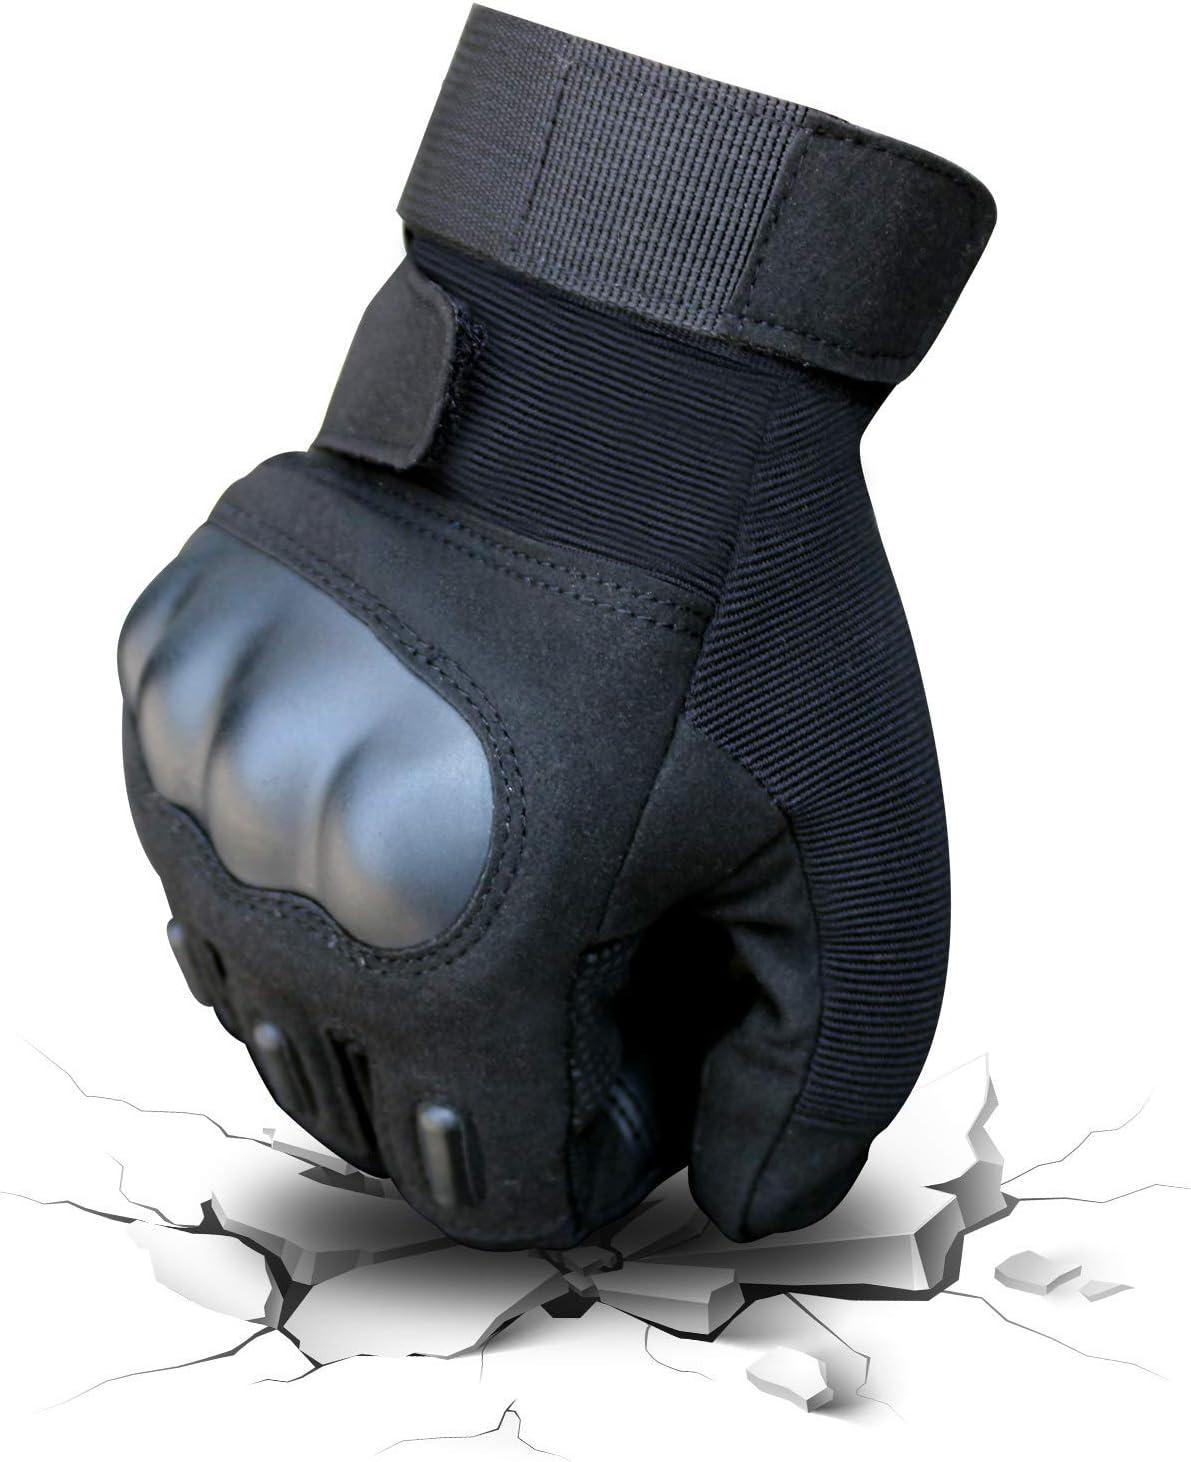 Motorrad Schie/ßen YEVHEV Taktishce Handschuhe mit Kn/öchelschutz Vollfinger Milit/äre Touchscreen Armee Motorradhandschuhe Leichte Motorrad f/ür Jagd Wandern,Outdooraktivit/äten Radfahren